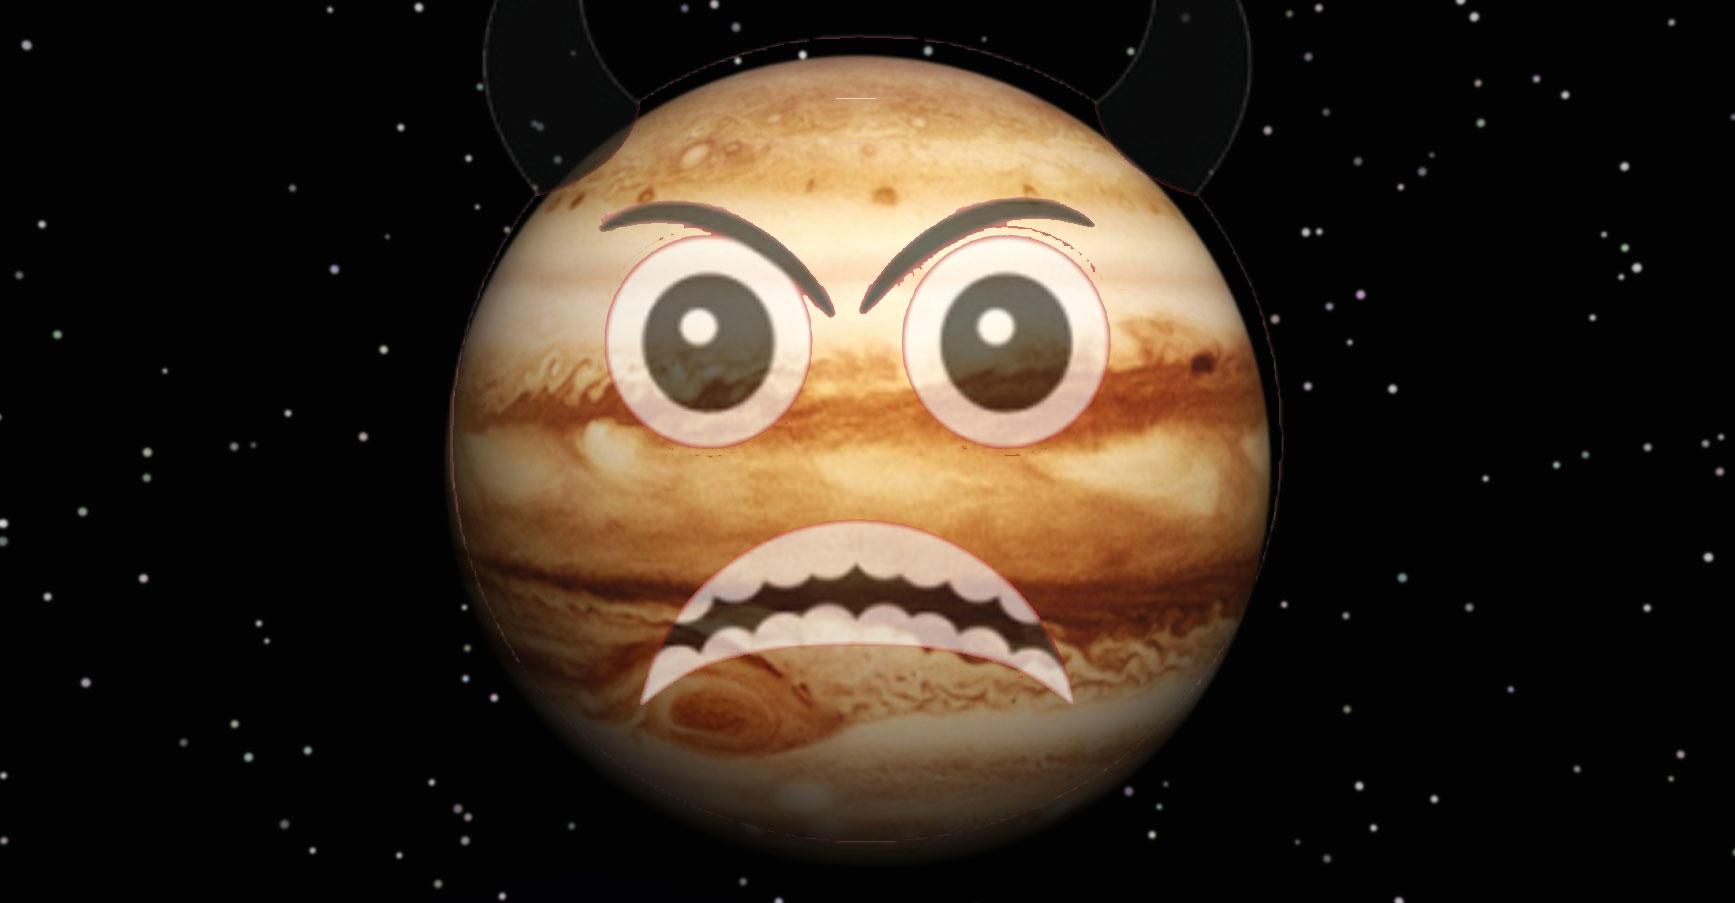 Angry Jupiter